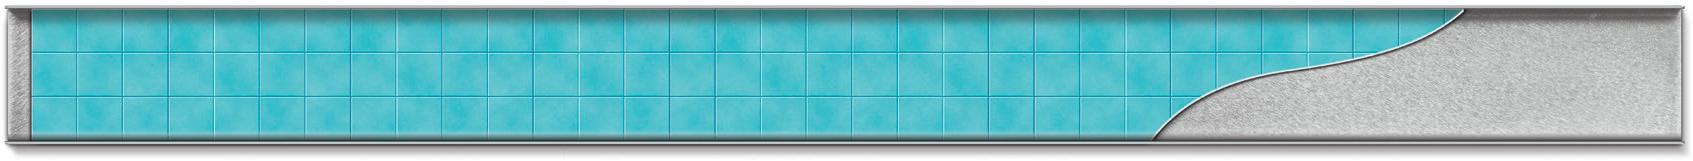 Водоотводящие желоба с рамкой из нерж. стали - floor-reshetka-glyanets - miroslav-chudej-s-r-o - 350-x-415 - 1-7 - 1 - 200 - czech-republic